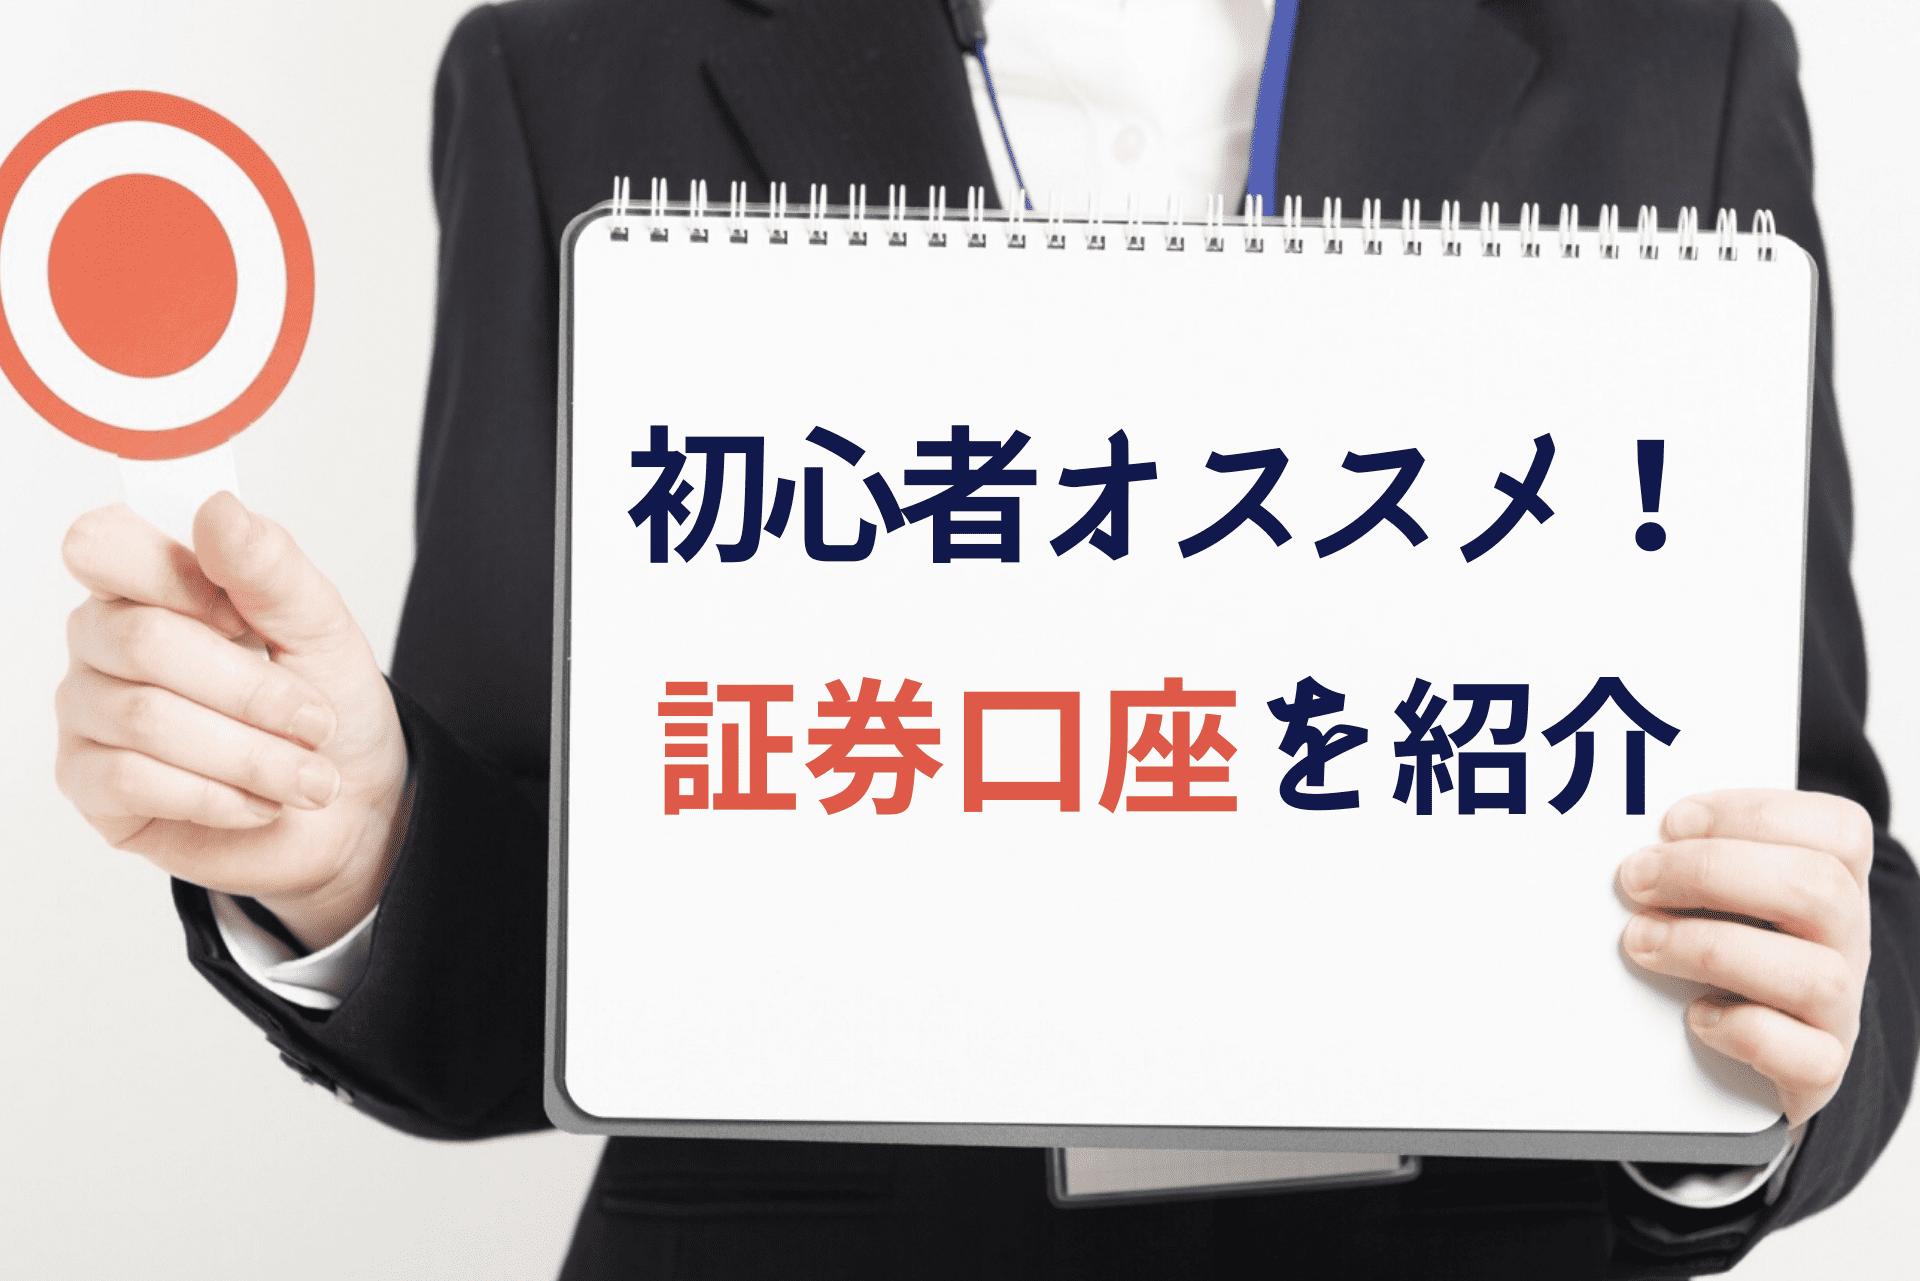 証券口座紹介